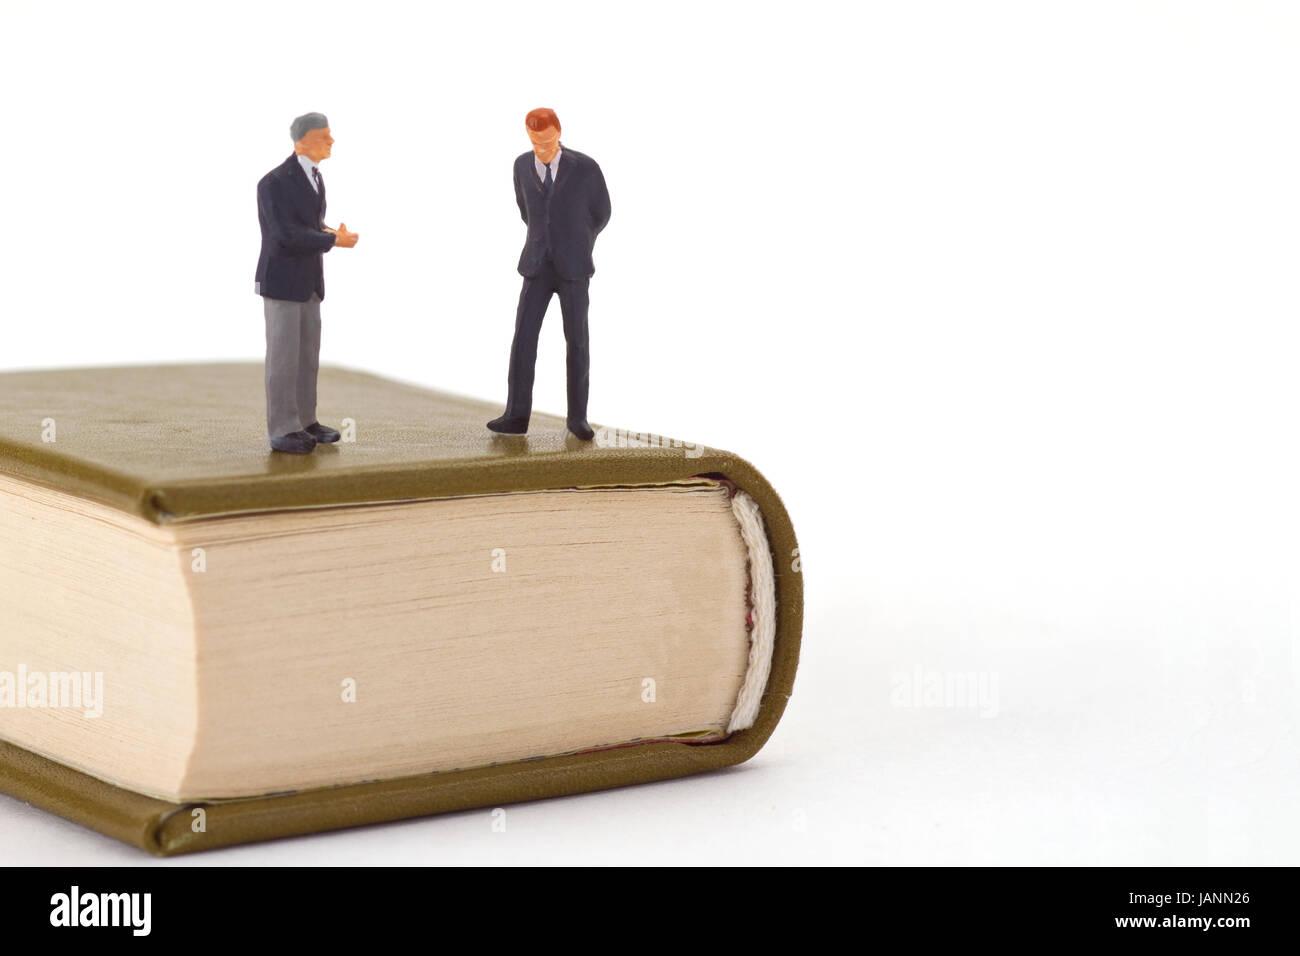 Stehende Miniaturfiguren auf  Buch freigestellt auf weissem Hintergrund Stock Photo